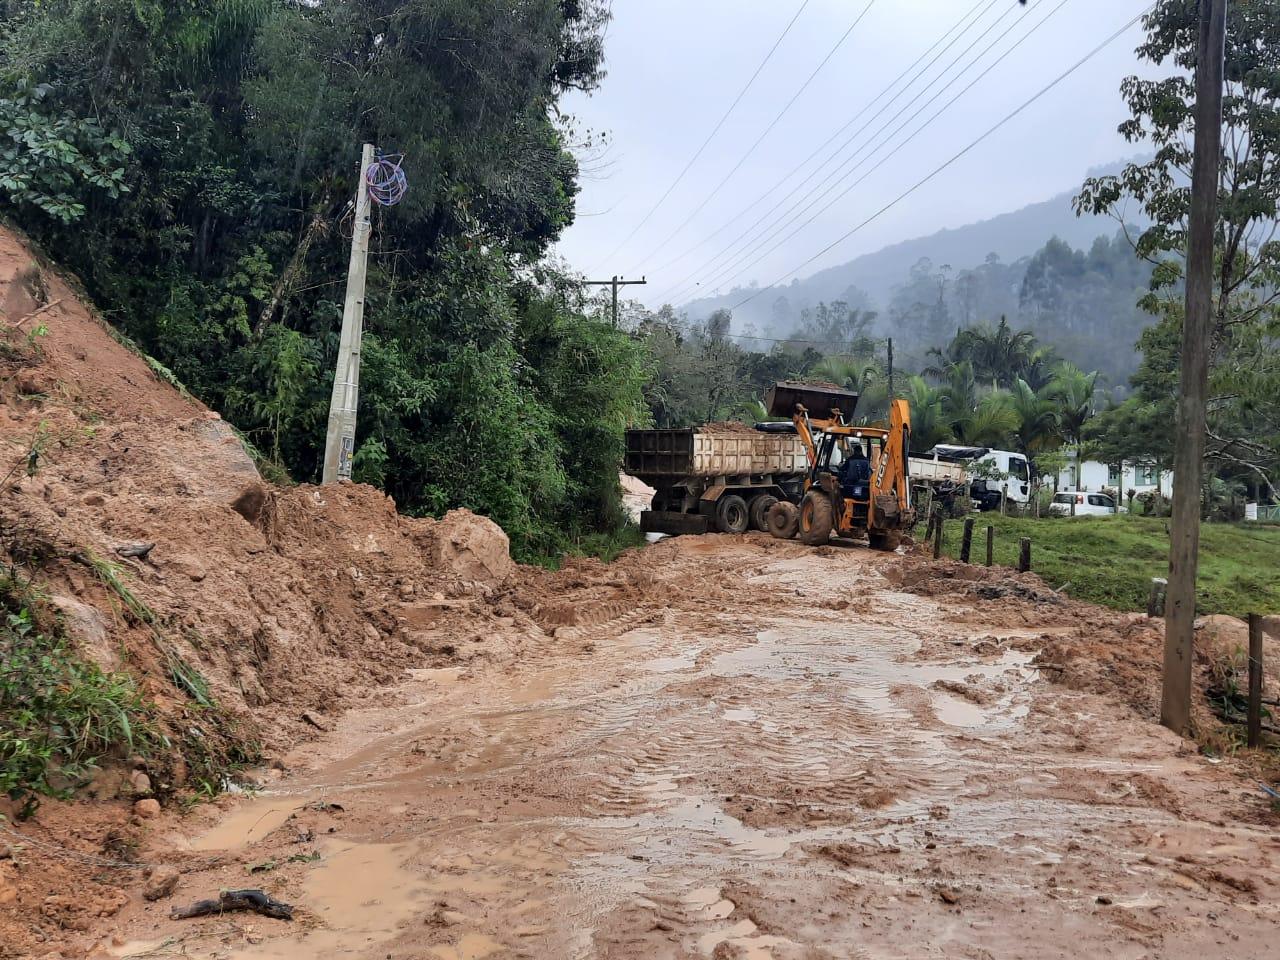 Deslizamentos de terra e alagamentos foram registrados em Tubarão - Divulgação/PMT/ND